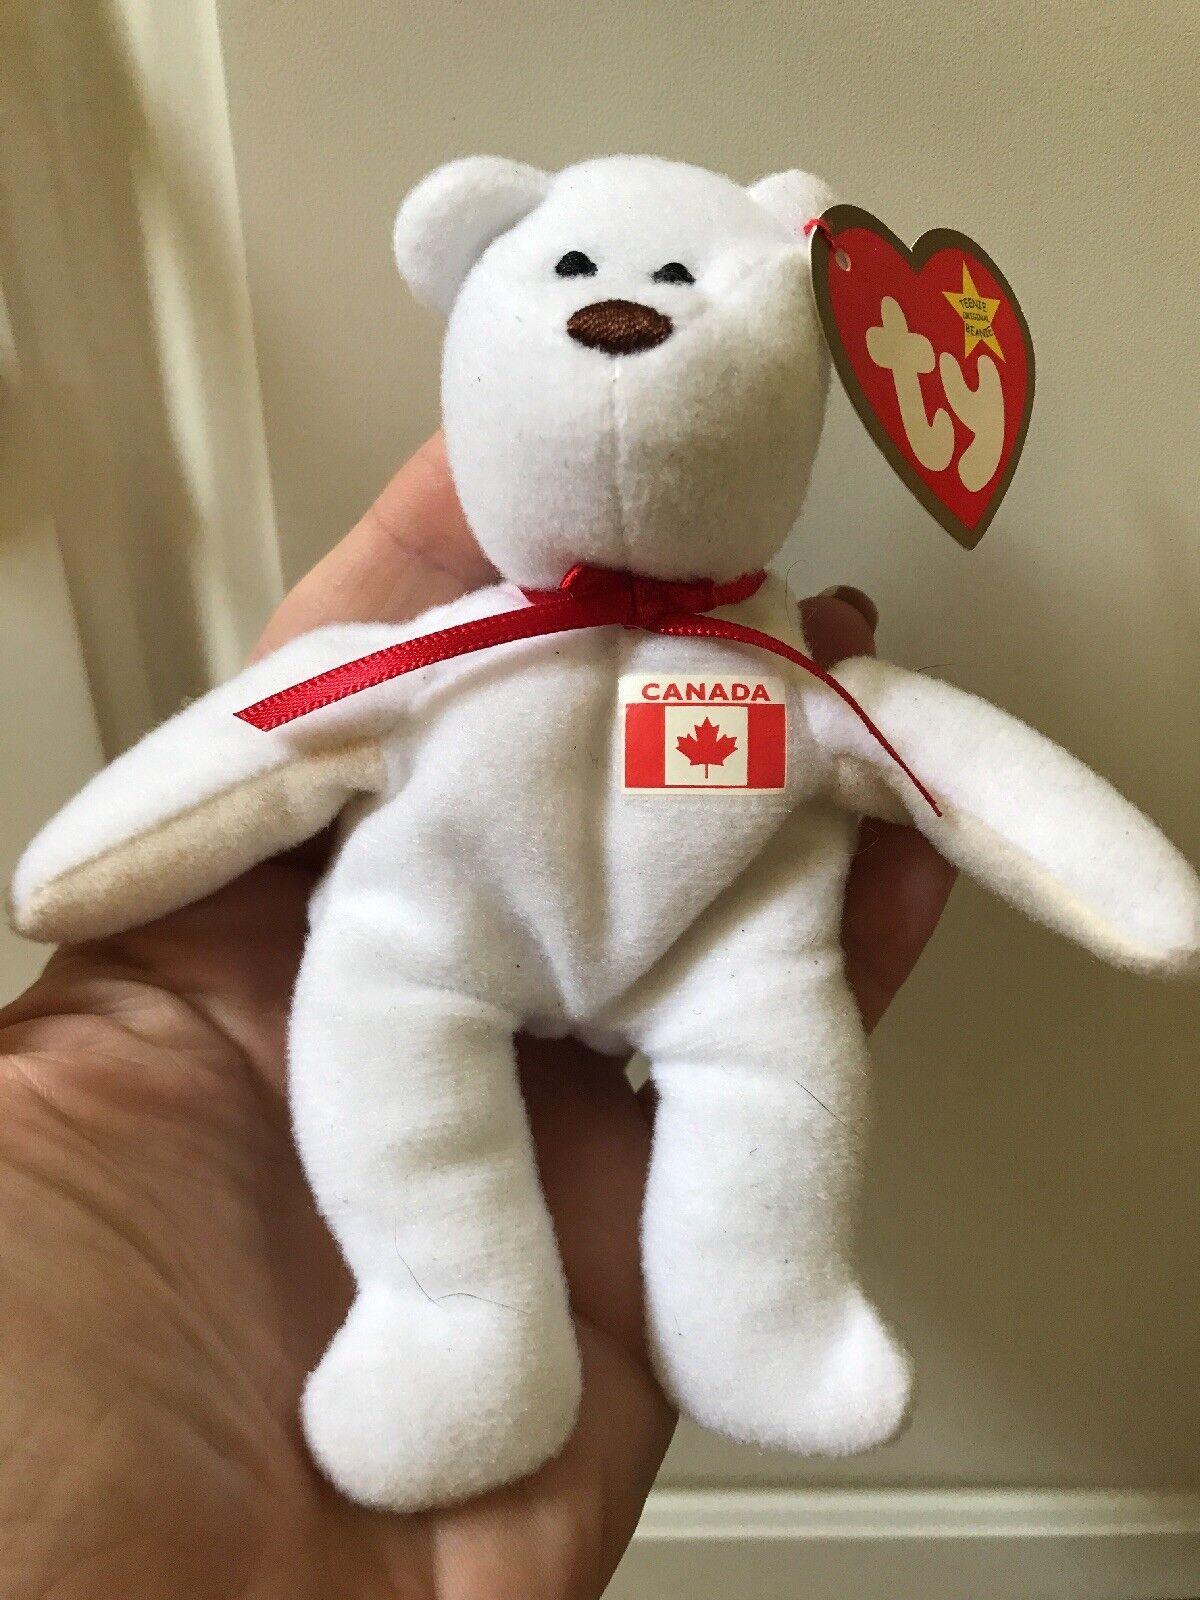 Ty beanie baby tragen weiße ahorn kanadischen   kanada - flagge 1993 mcdonalds